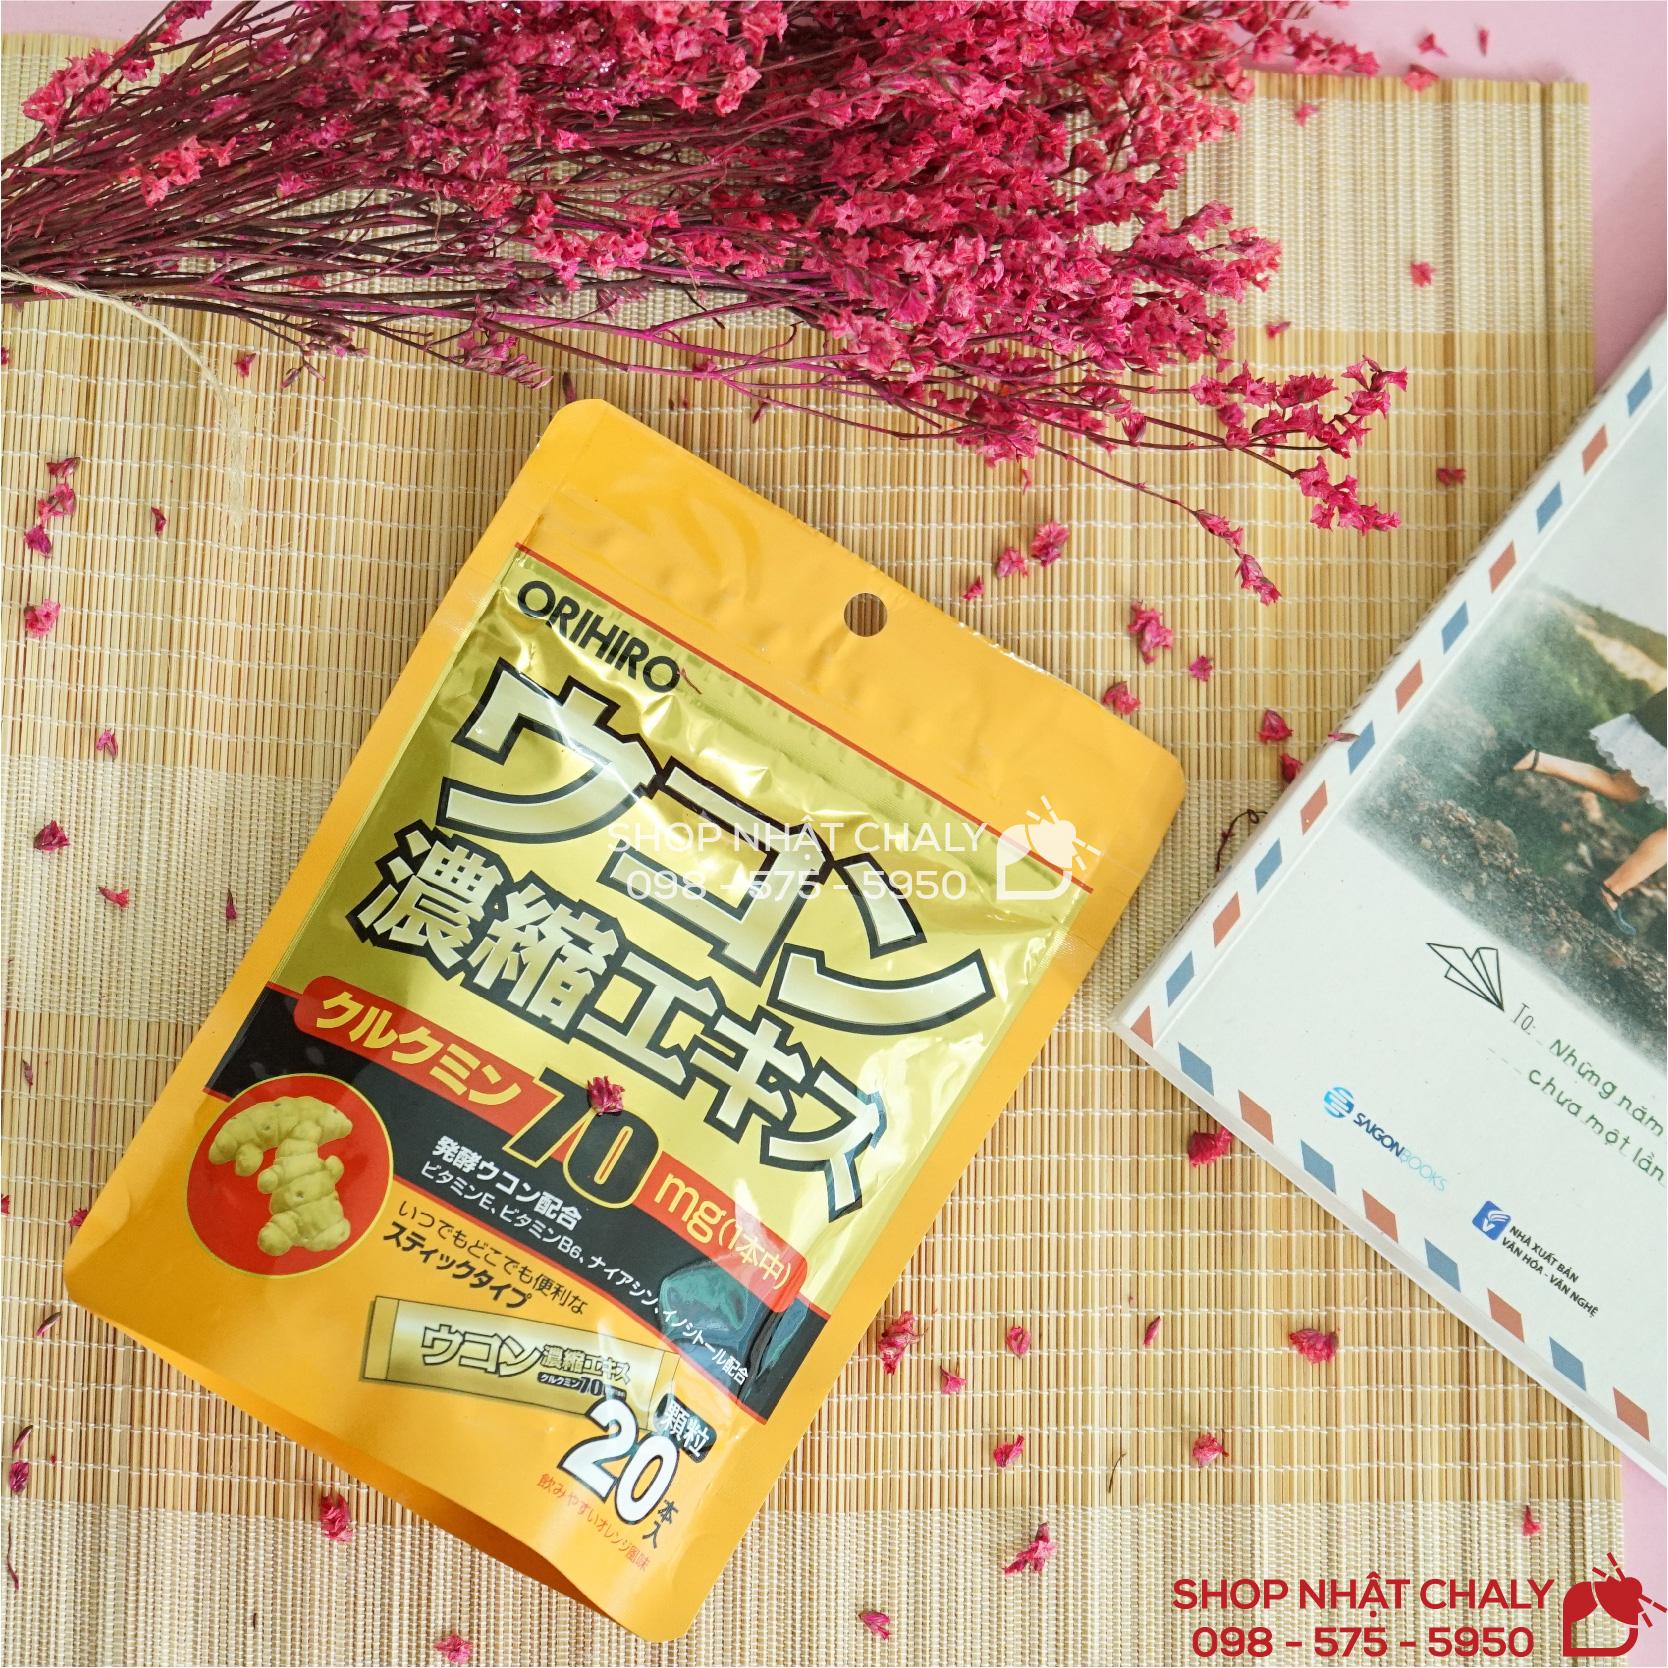 Thuốc giải rượu của Nhật Bản từ bột nghệ Orihiro ukon có hiệu quả cao, giá thành vừa túi tiền nên rất được người Nhật ưa chuộng